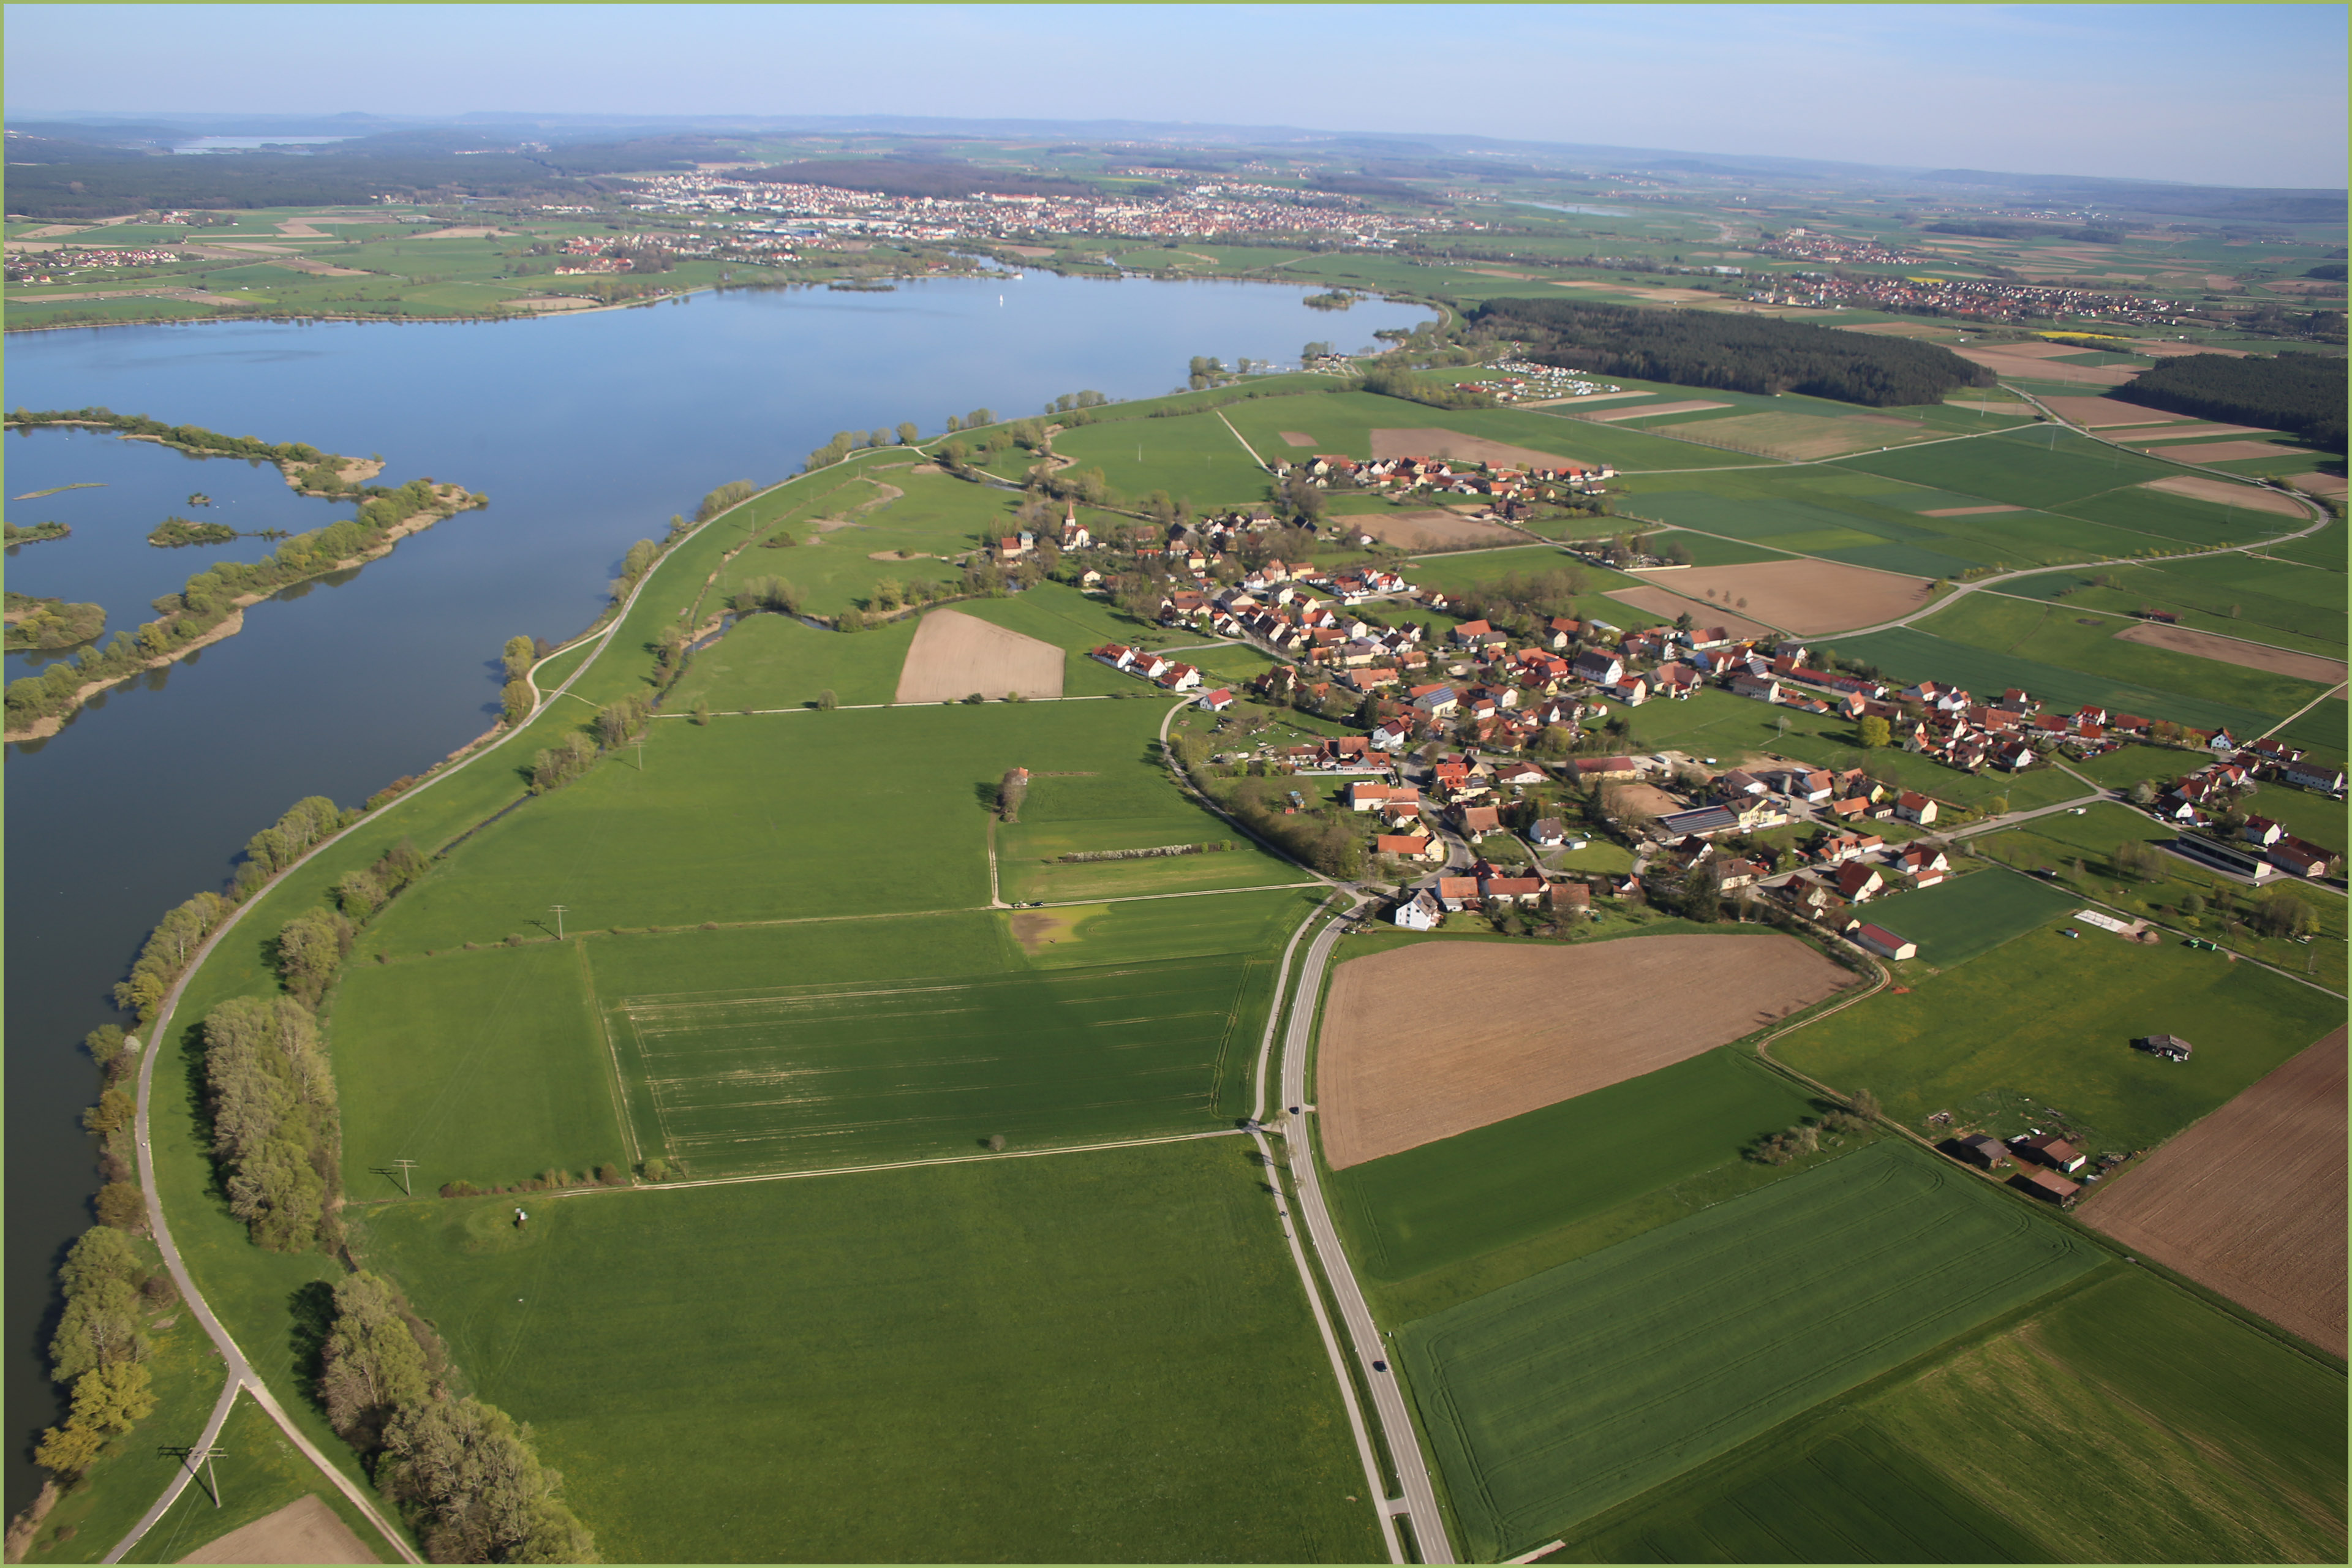 Der nahe Altmühlsee, rechts die Ortschaft Wald und mittig unten der Reiterhof